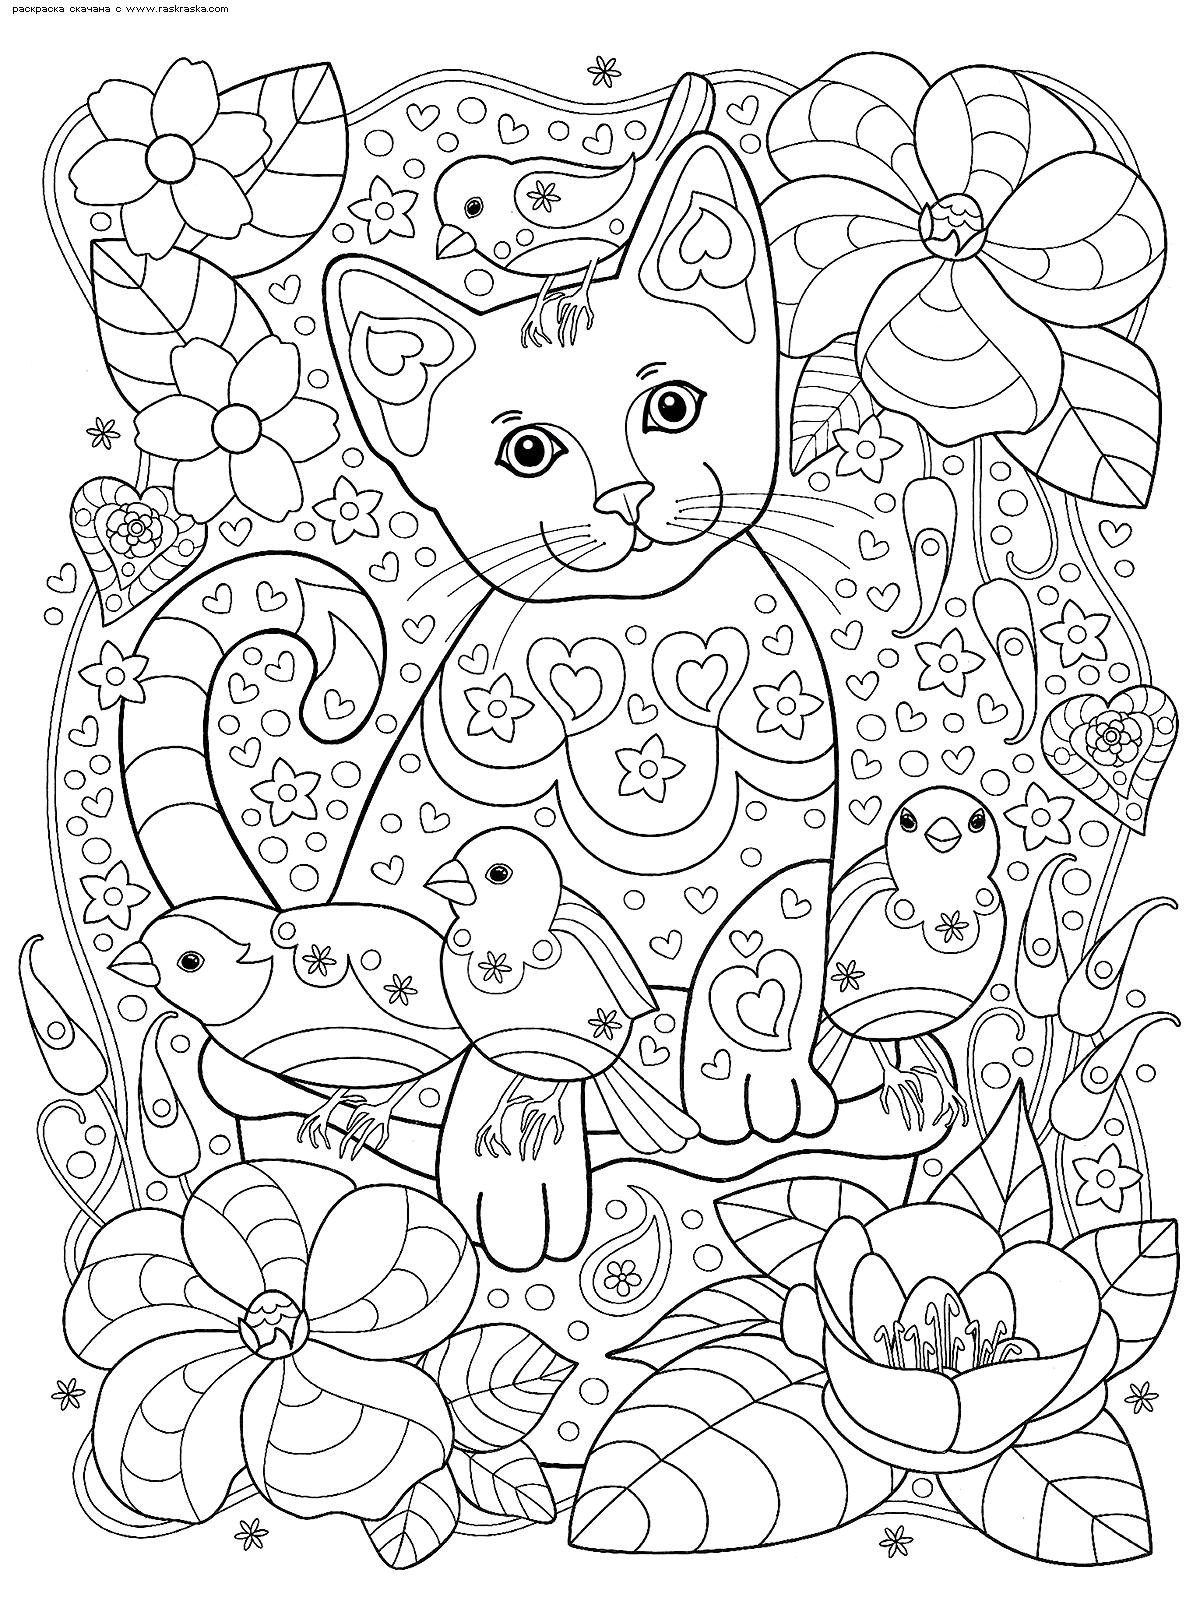 Раскраска Кот и воробьи. Раскраска кот, антистресс